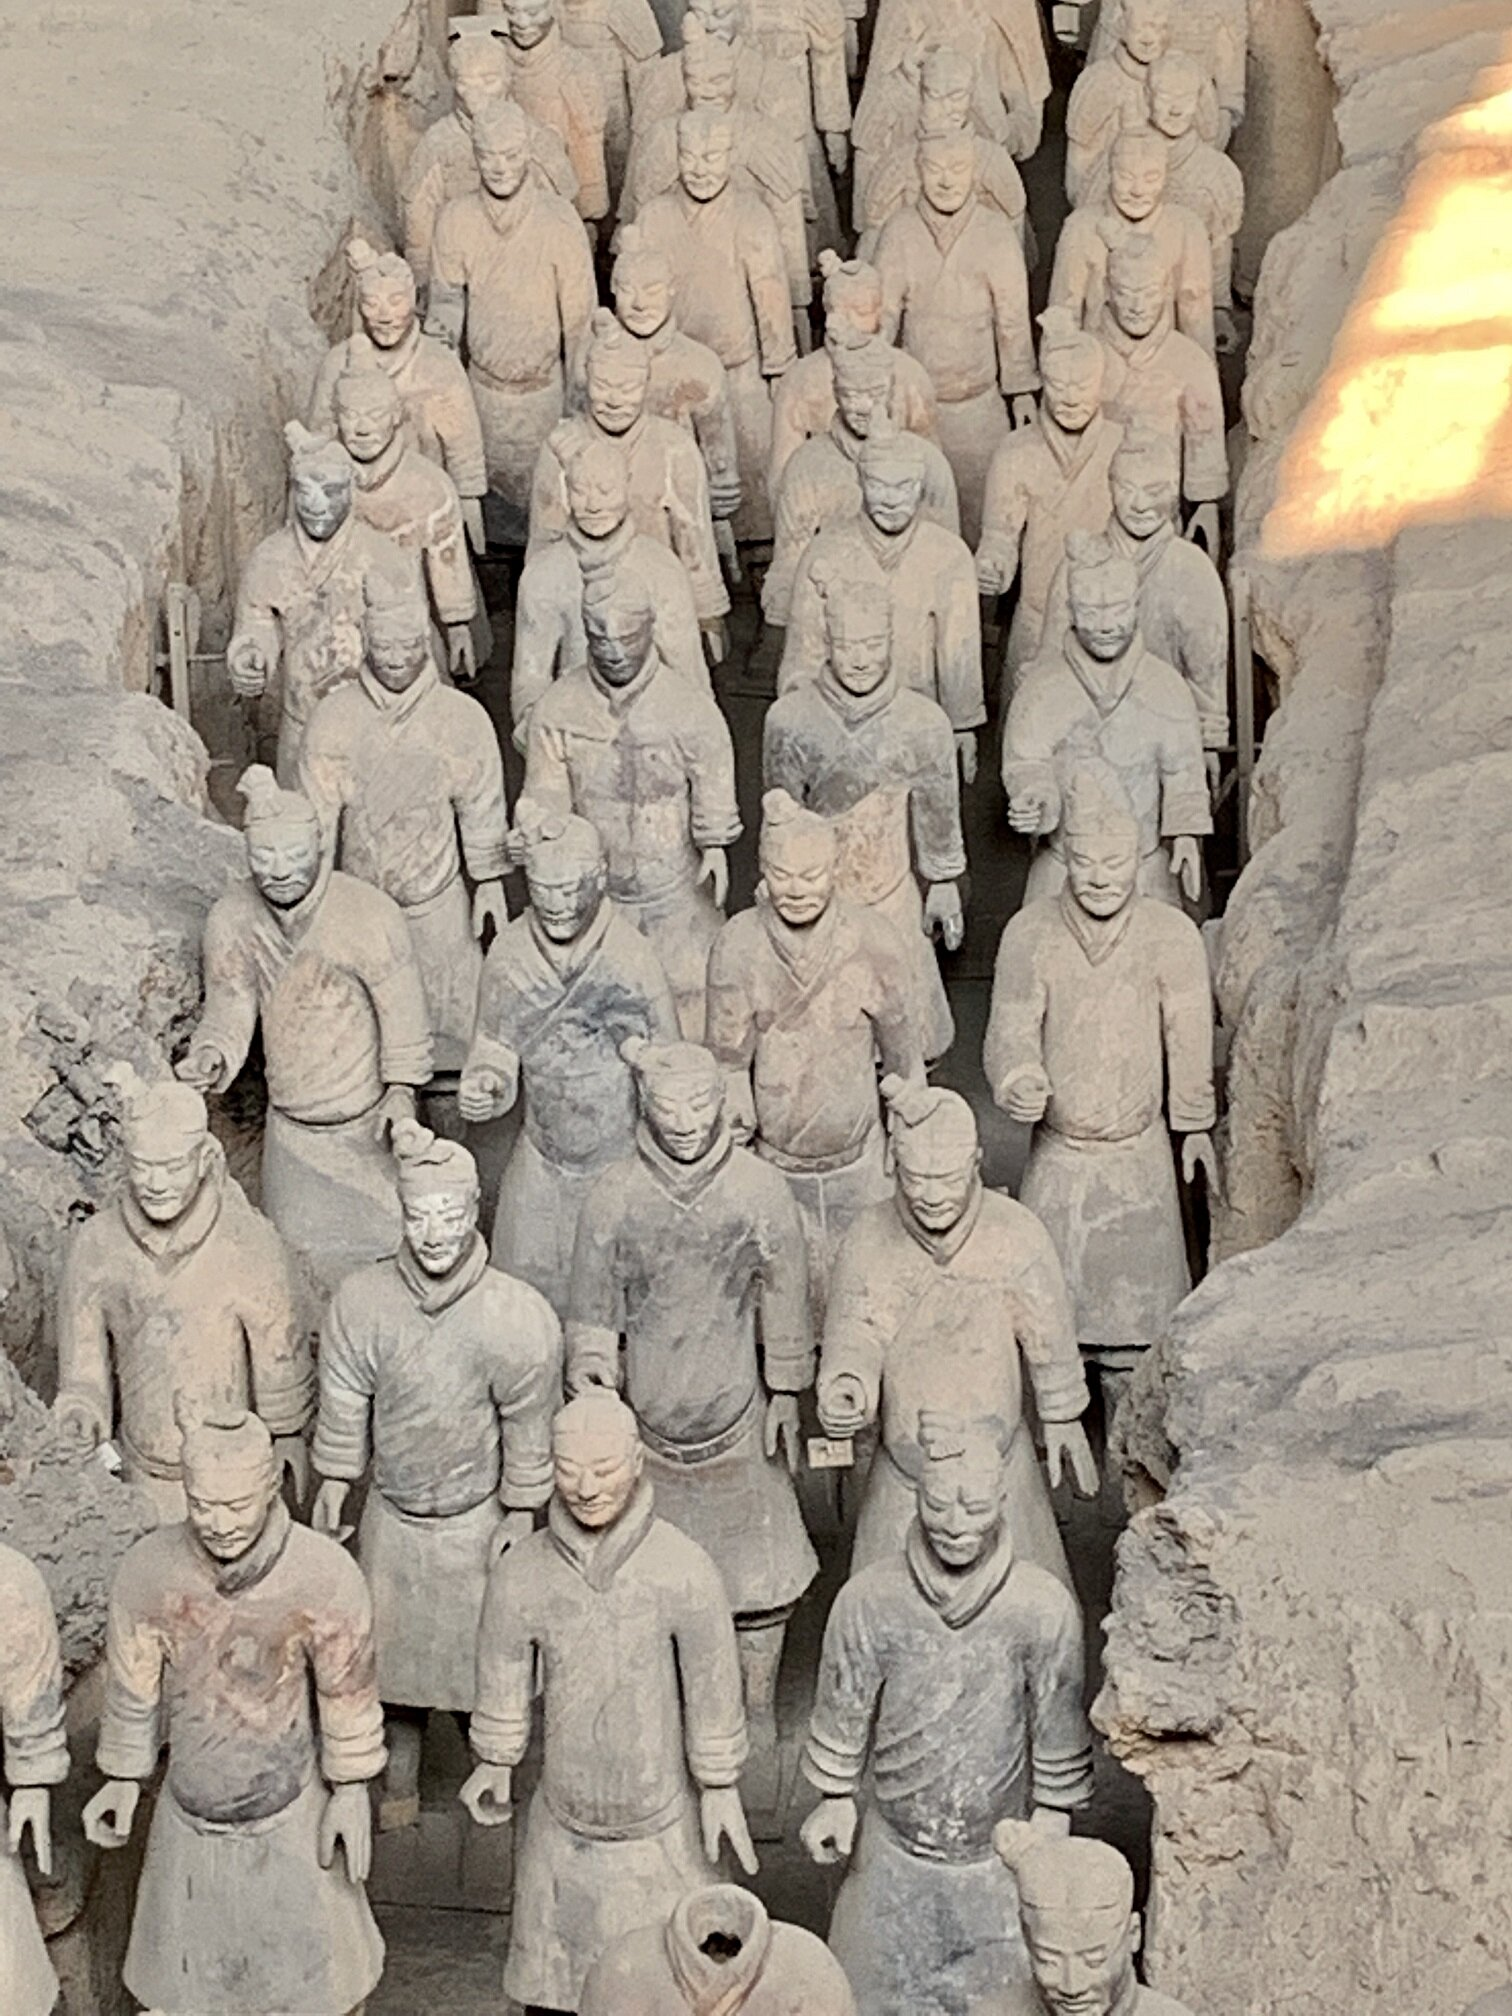 China_terracotta warriors1.jpg